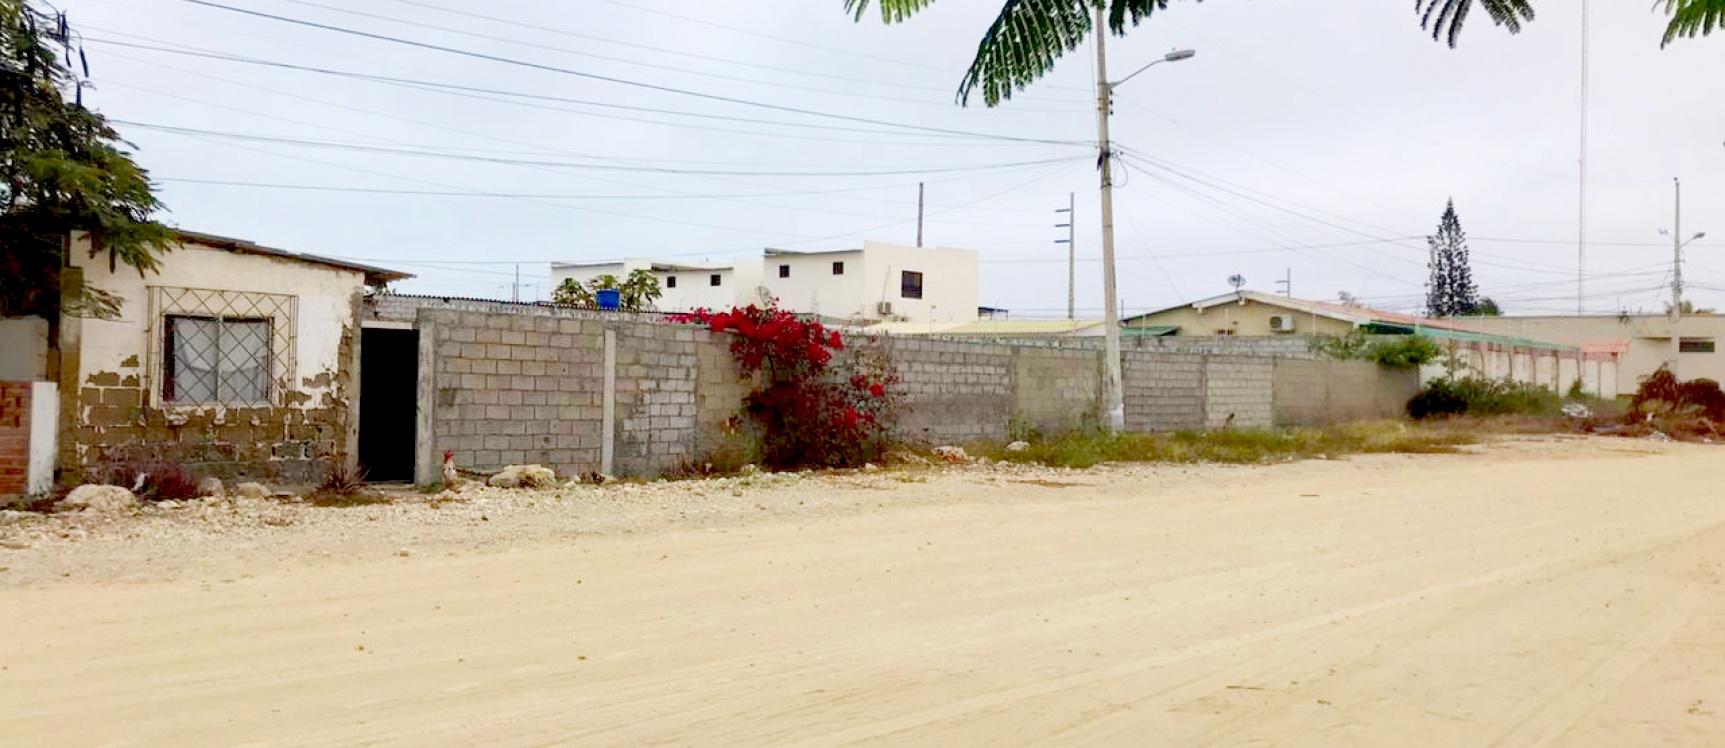 GeoBienes - Terreno en venta en Salinas, San Lorenzo - Plusvalia Guayaquil Casas de venta y alquiler Inmobiliaria Ecuador